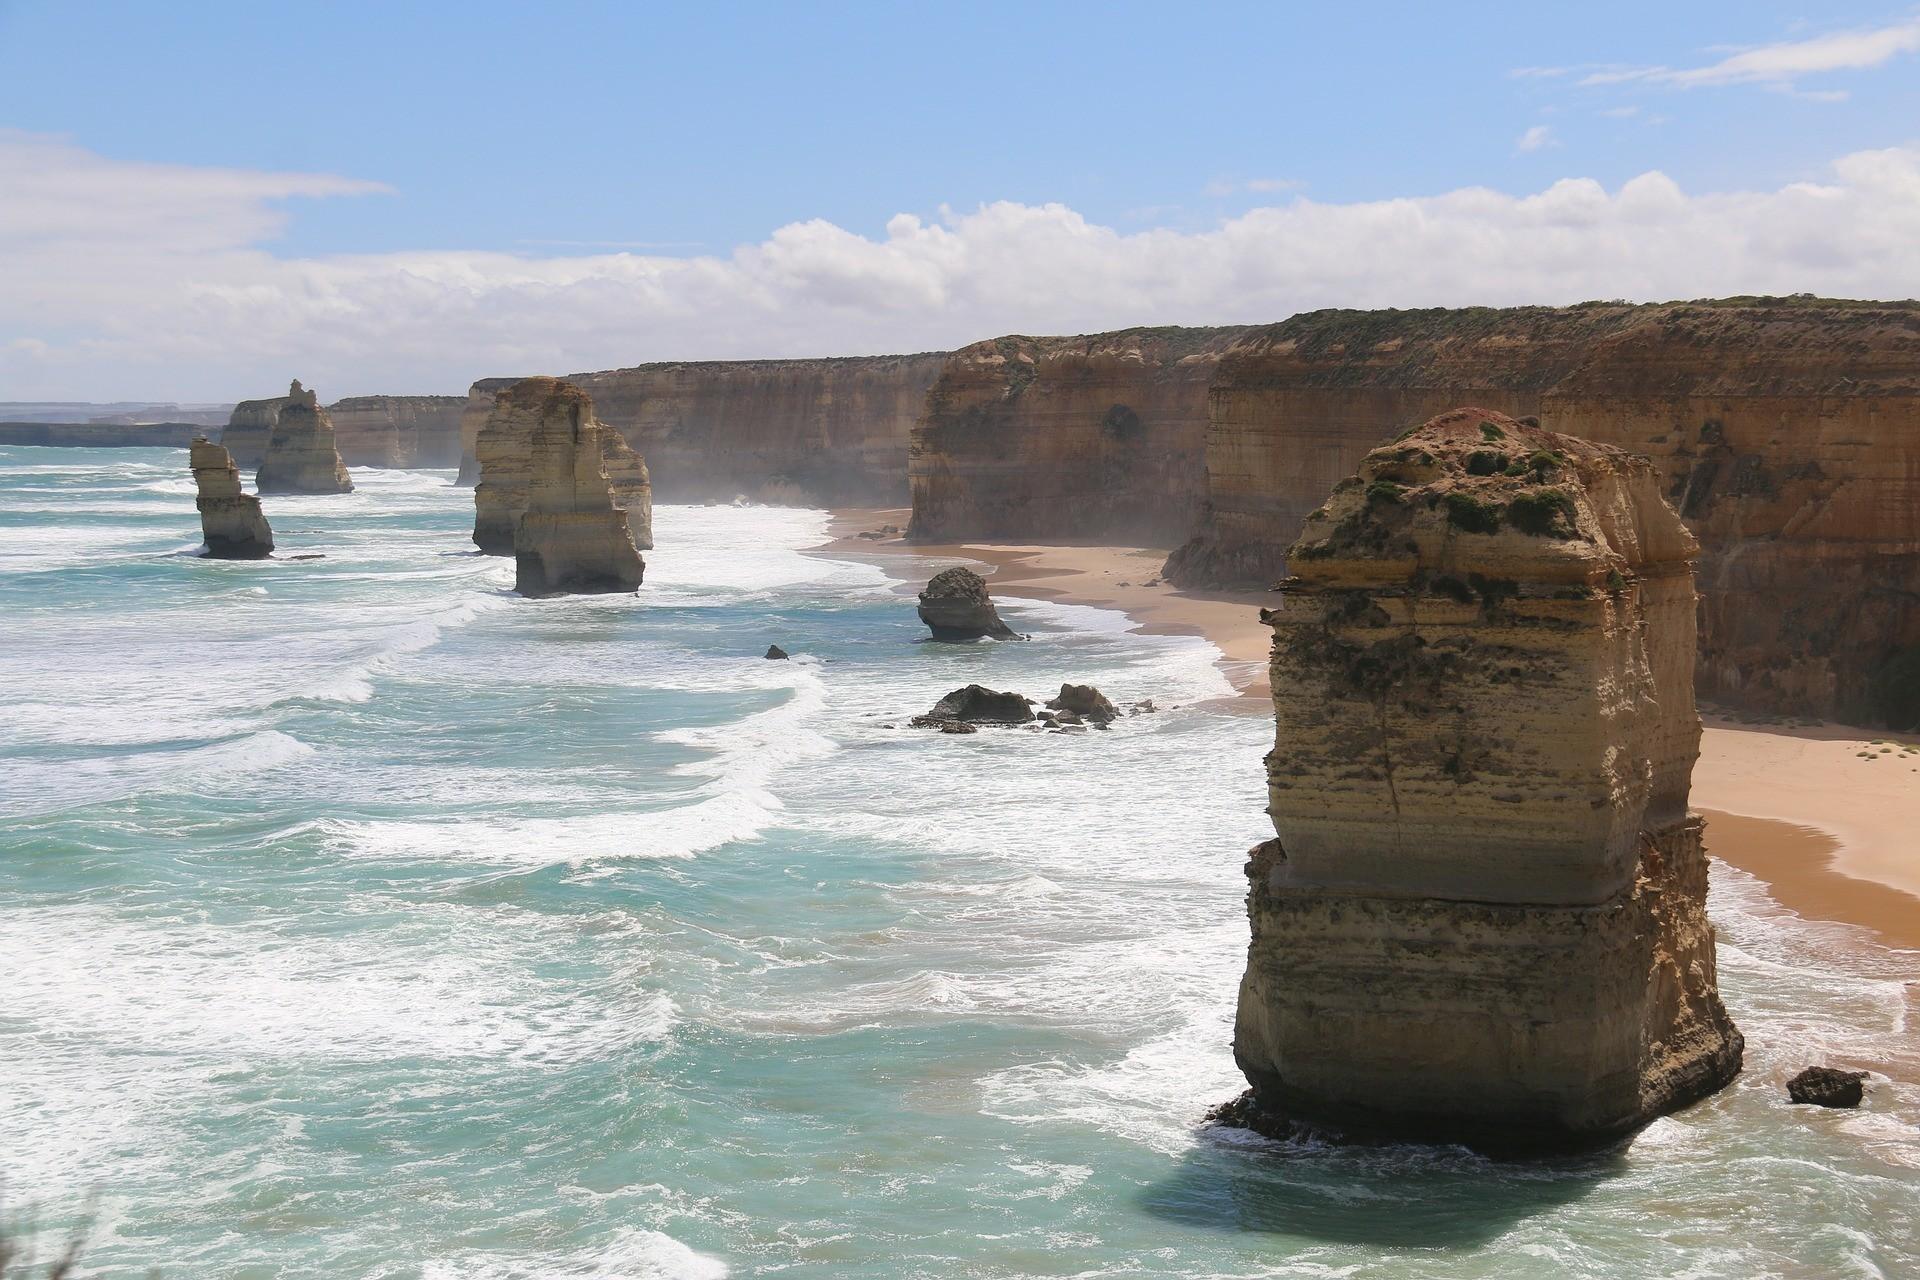 Les 12 Apôtres, étonnantes tours de calcaire en Australie.